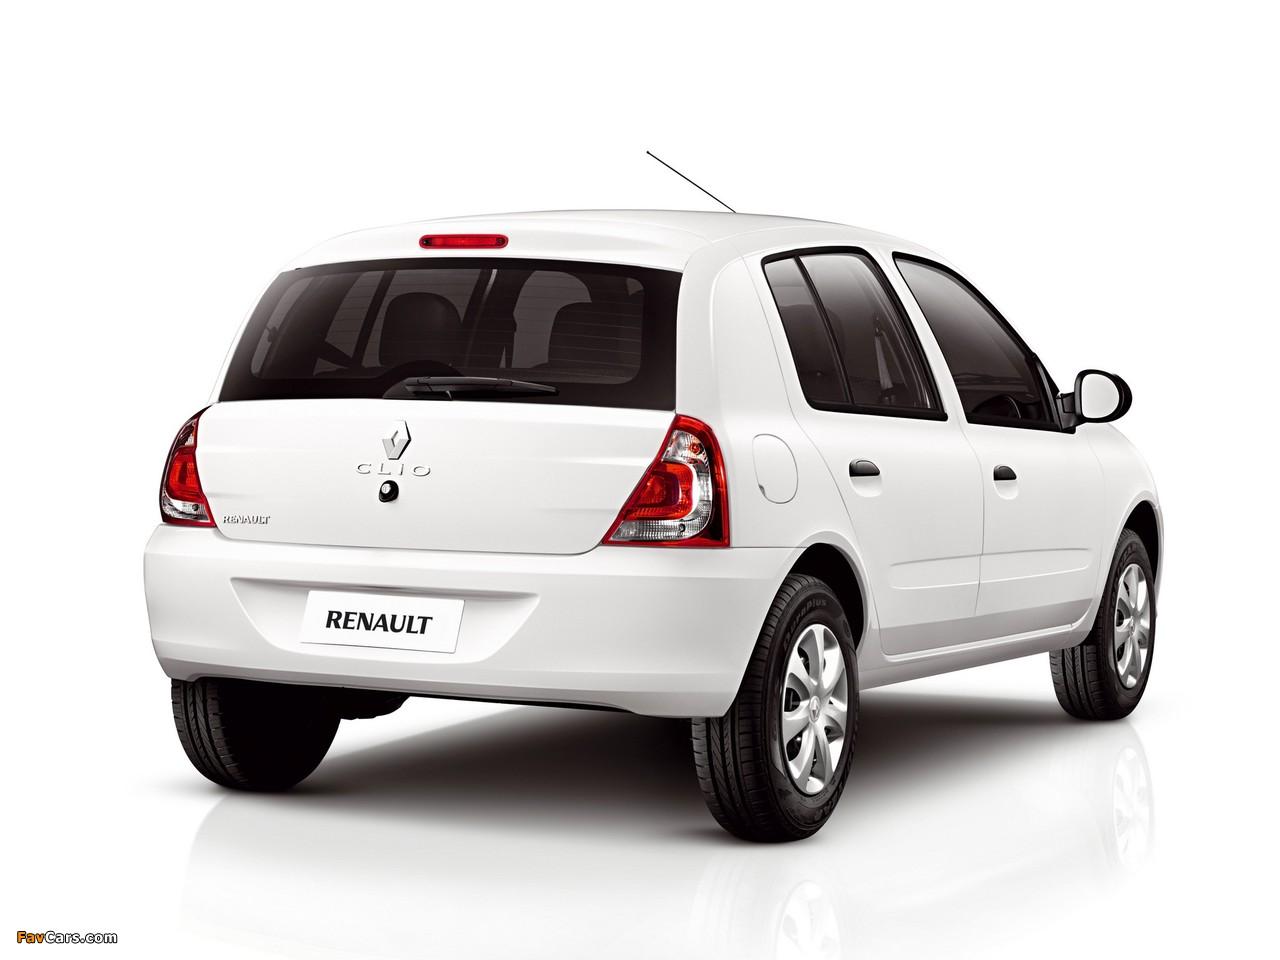 Renault Clio Mercosur 5-door 2012 pictures (1280 x 960)